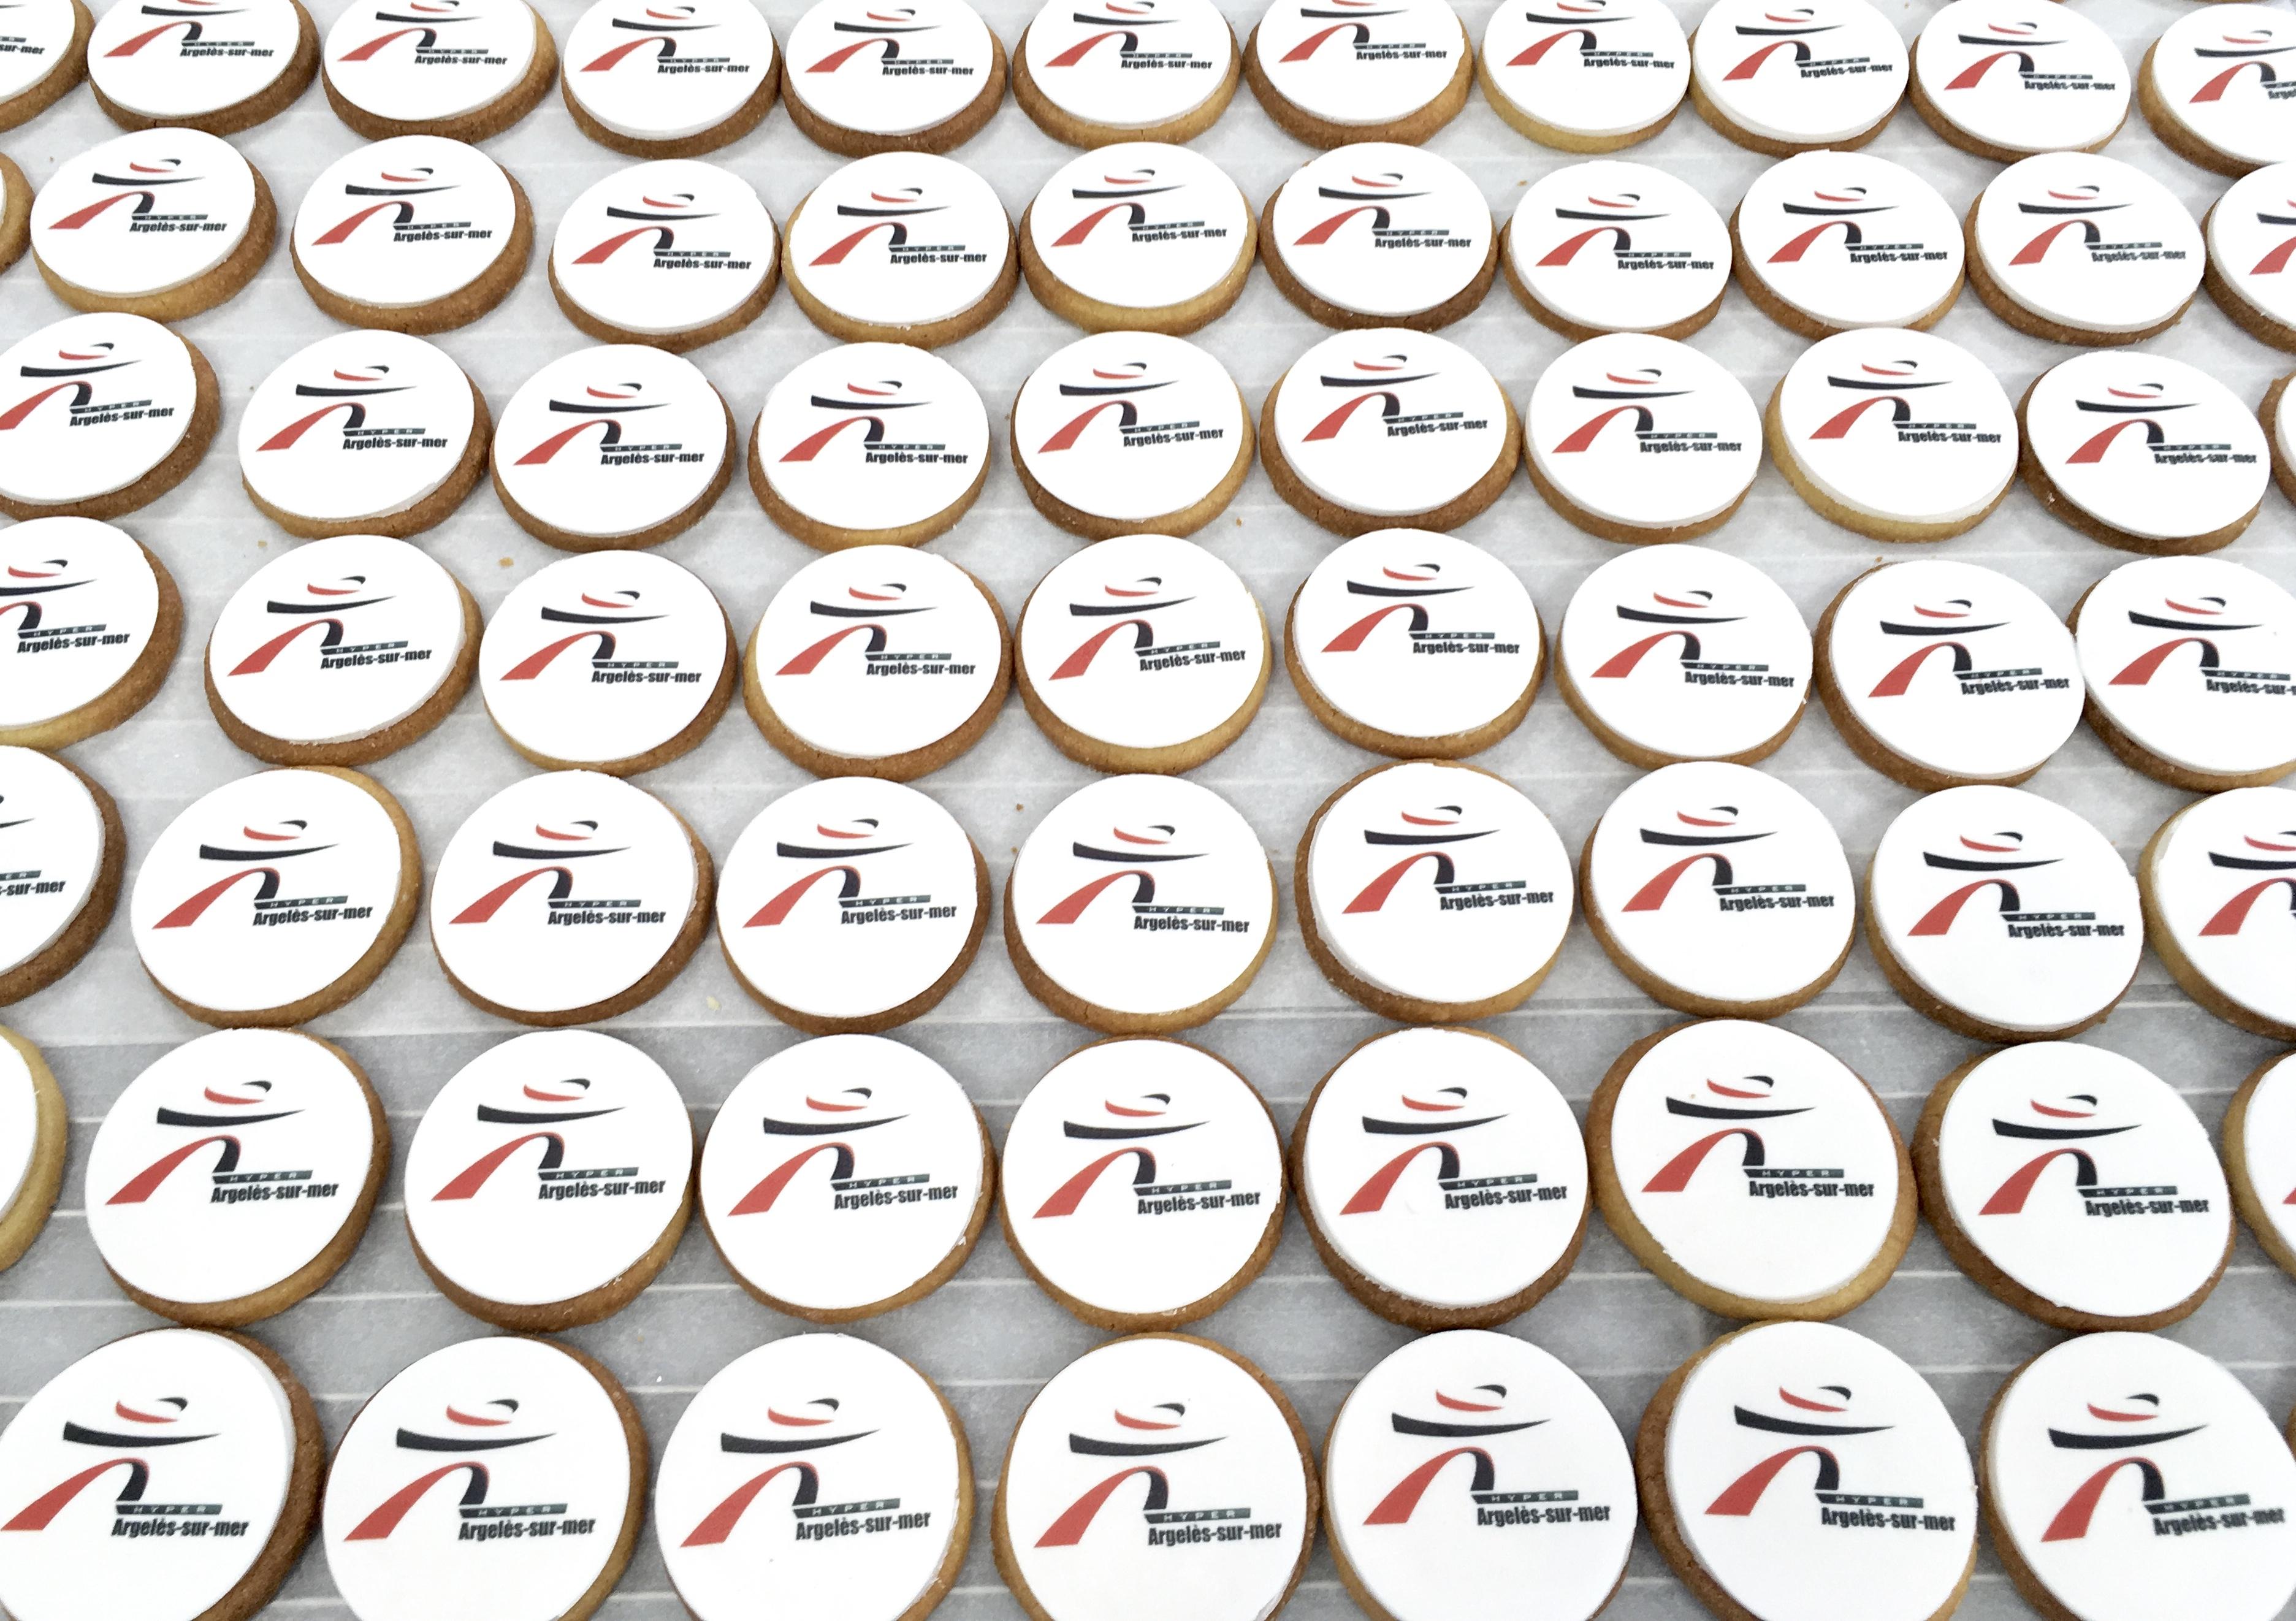 Gâteaux sur mesure Food Marketing Entreprise - Sablés personnalisés logo Evènement privé Intermarché